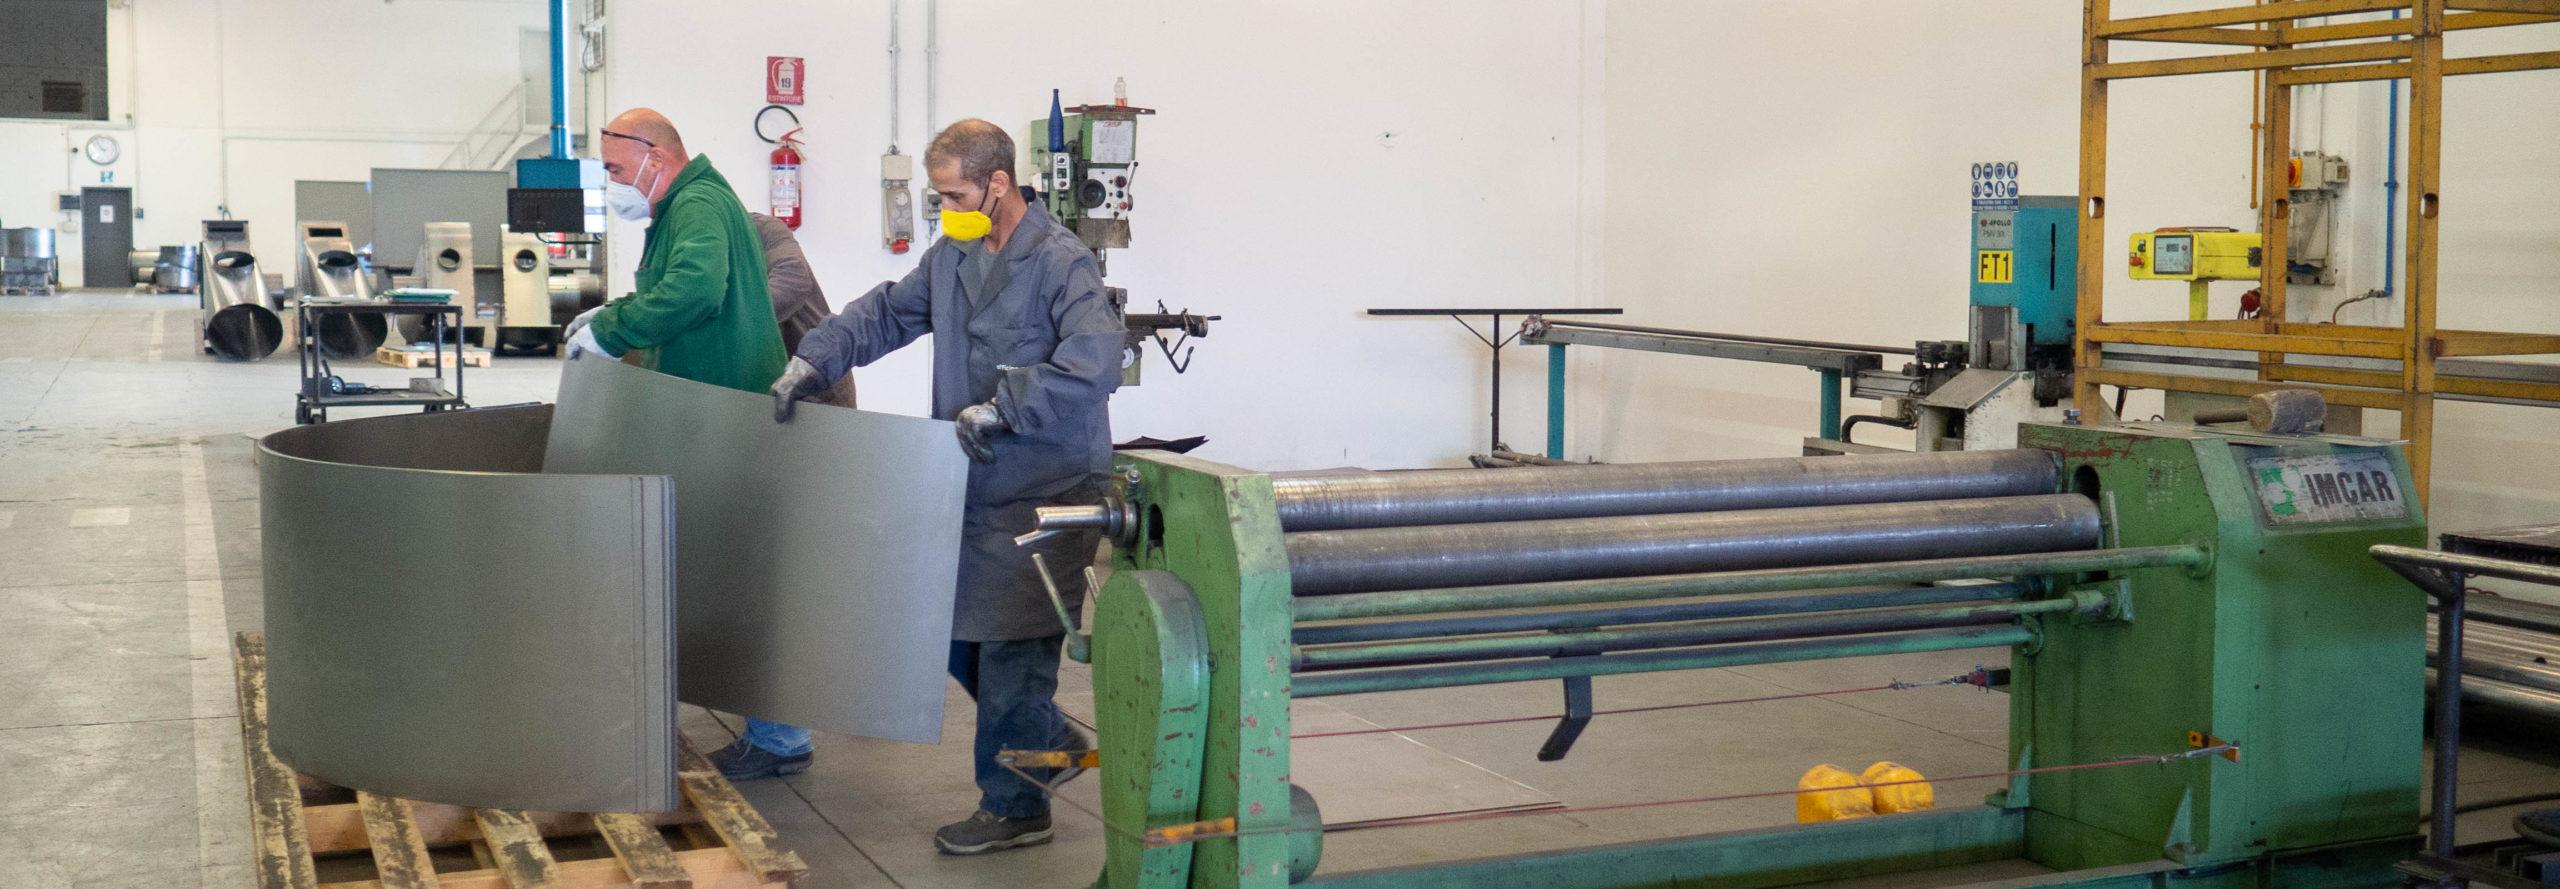 operai-lavoro-metallo-ferro